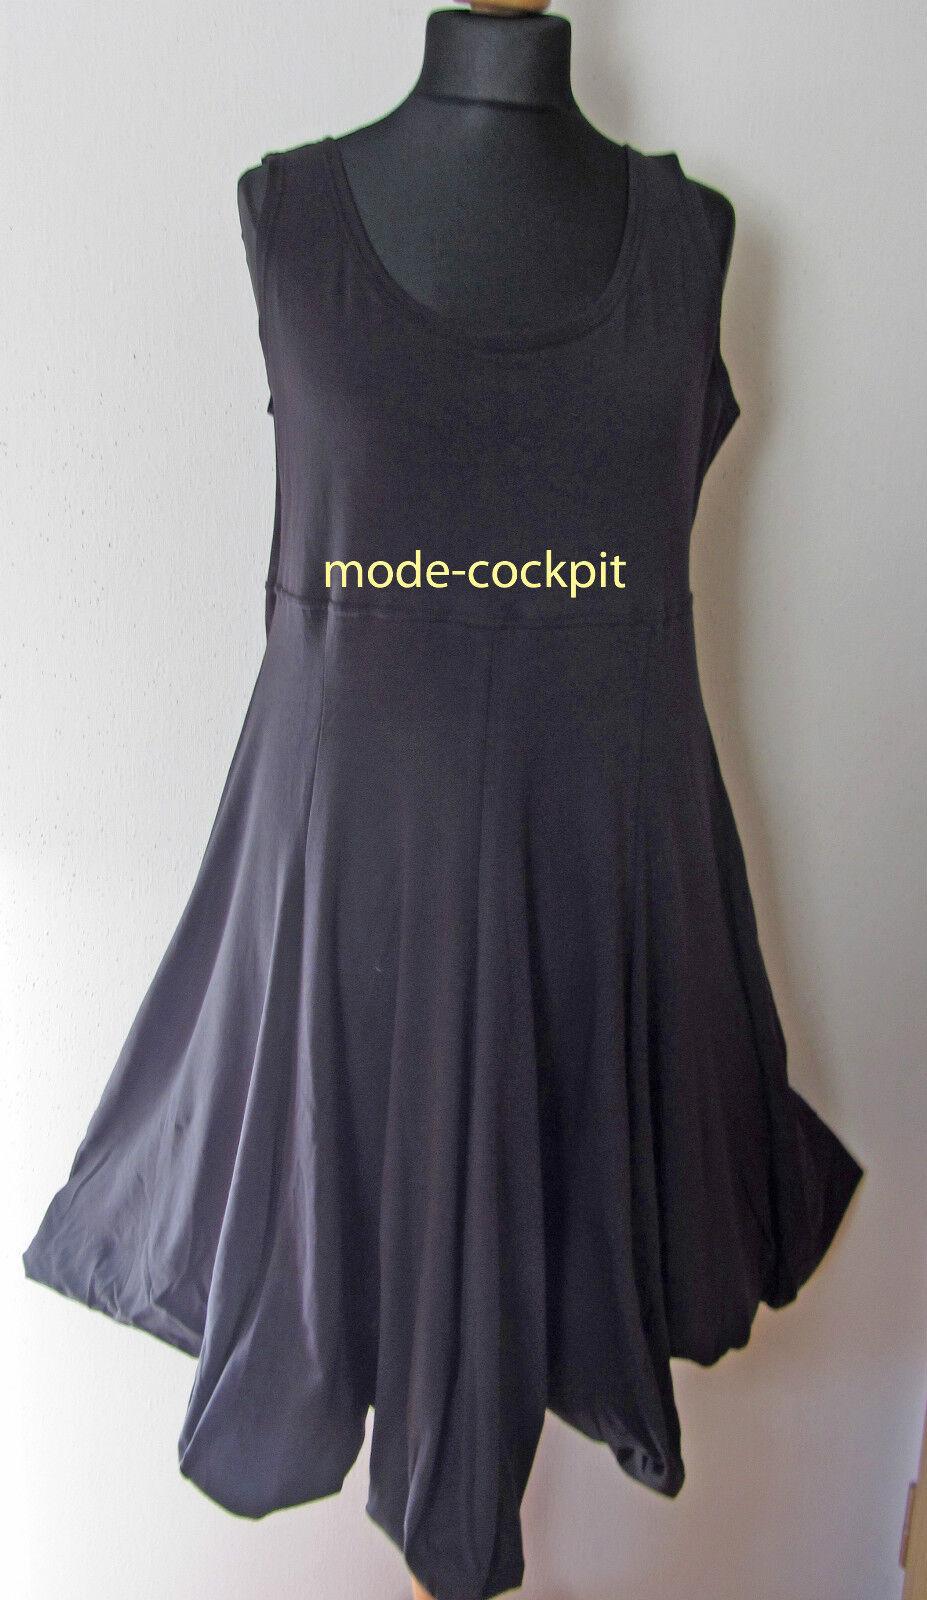 BORIS INDUSTRIES Traum Traum Traum Ballon Kleid Lagenlook Baumwolle schwarz Punkte (4)46 | Speichern  |  Neuer Markt  | Hohe Qualität und geringer Aufwand  073011